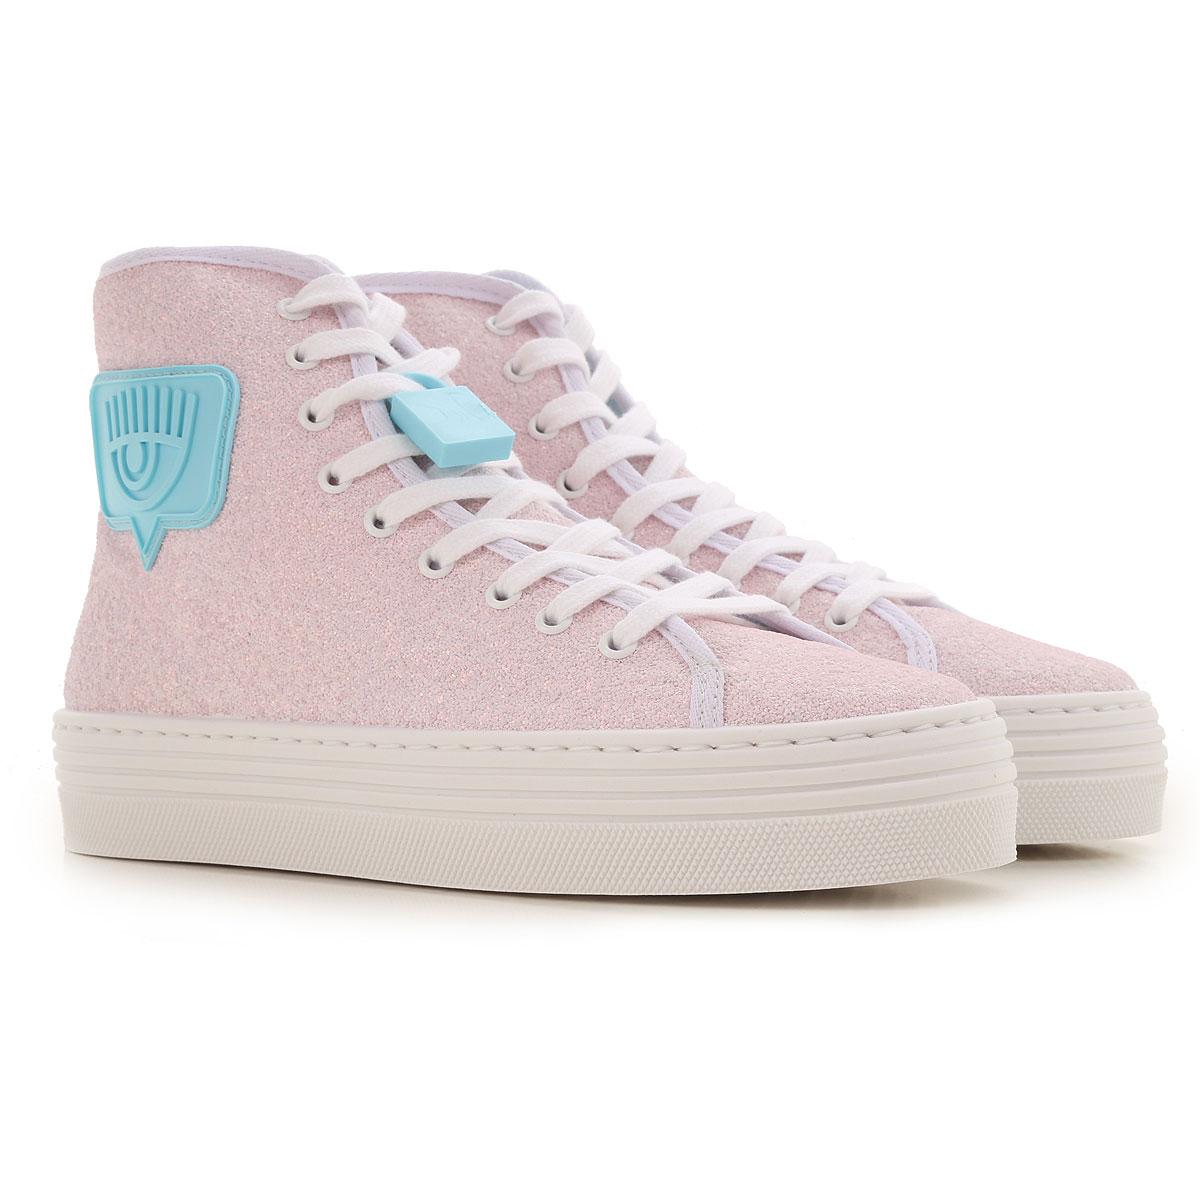 Chiara Ferragni Sneakers for Women On Sale, Glitter Pink, Polietilenicat, 2019, 10 5 6 7 8 9